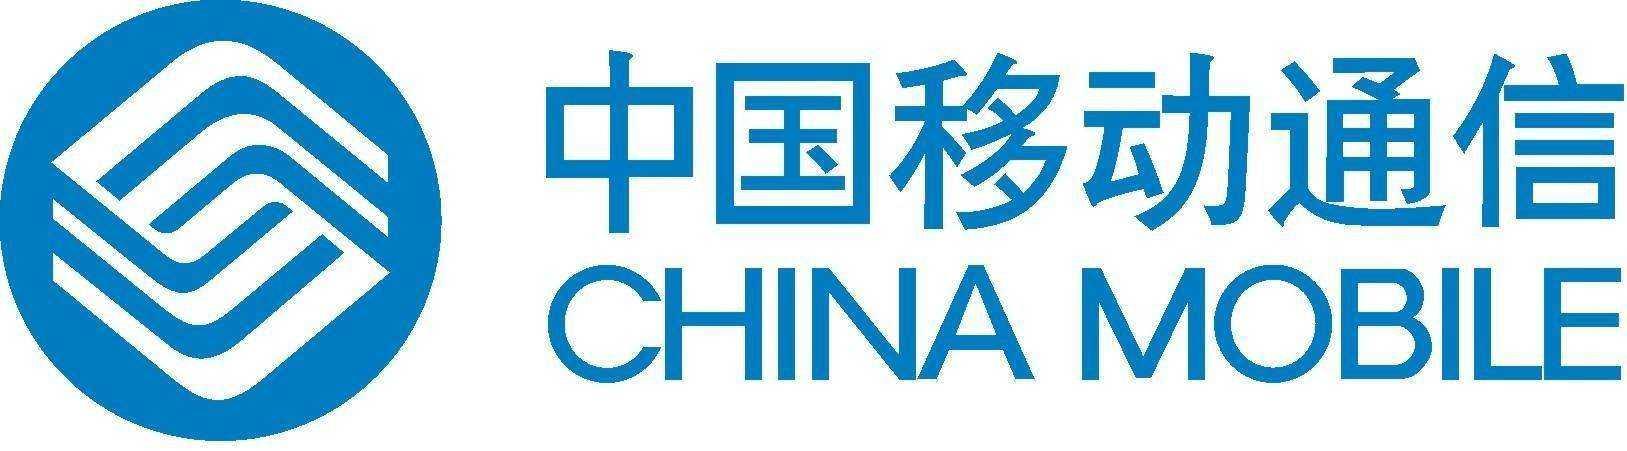 中国移动董事长:1亿人次通过咪咕视频看世界杯 5G或成分水岭